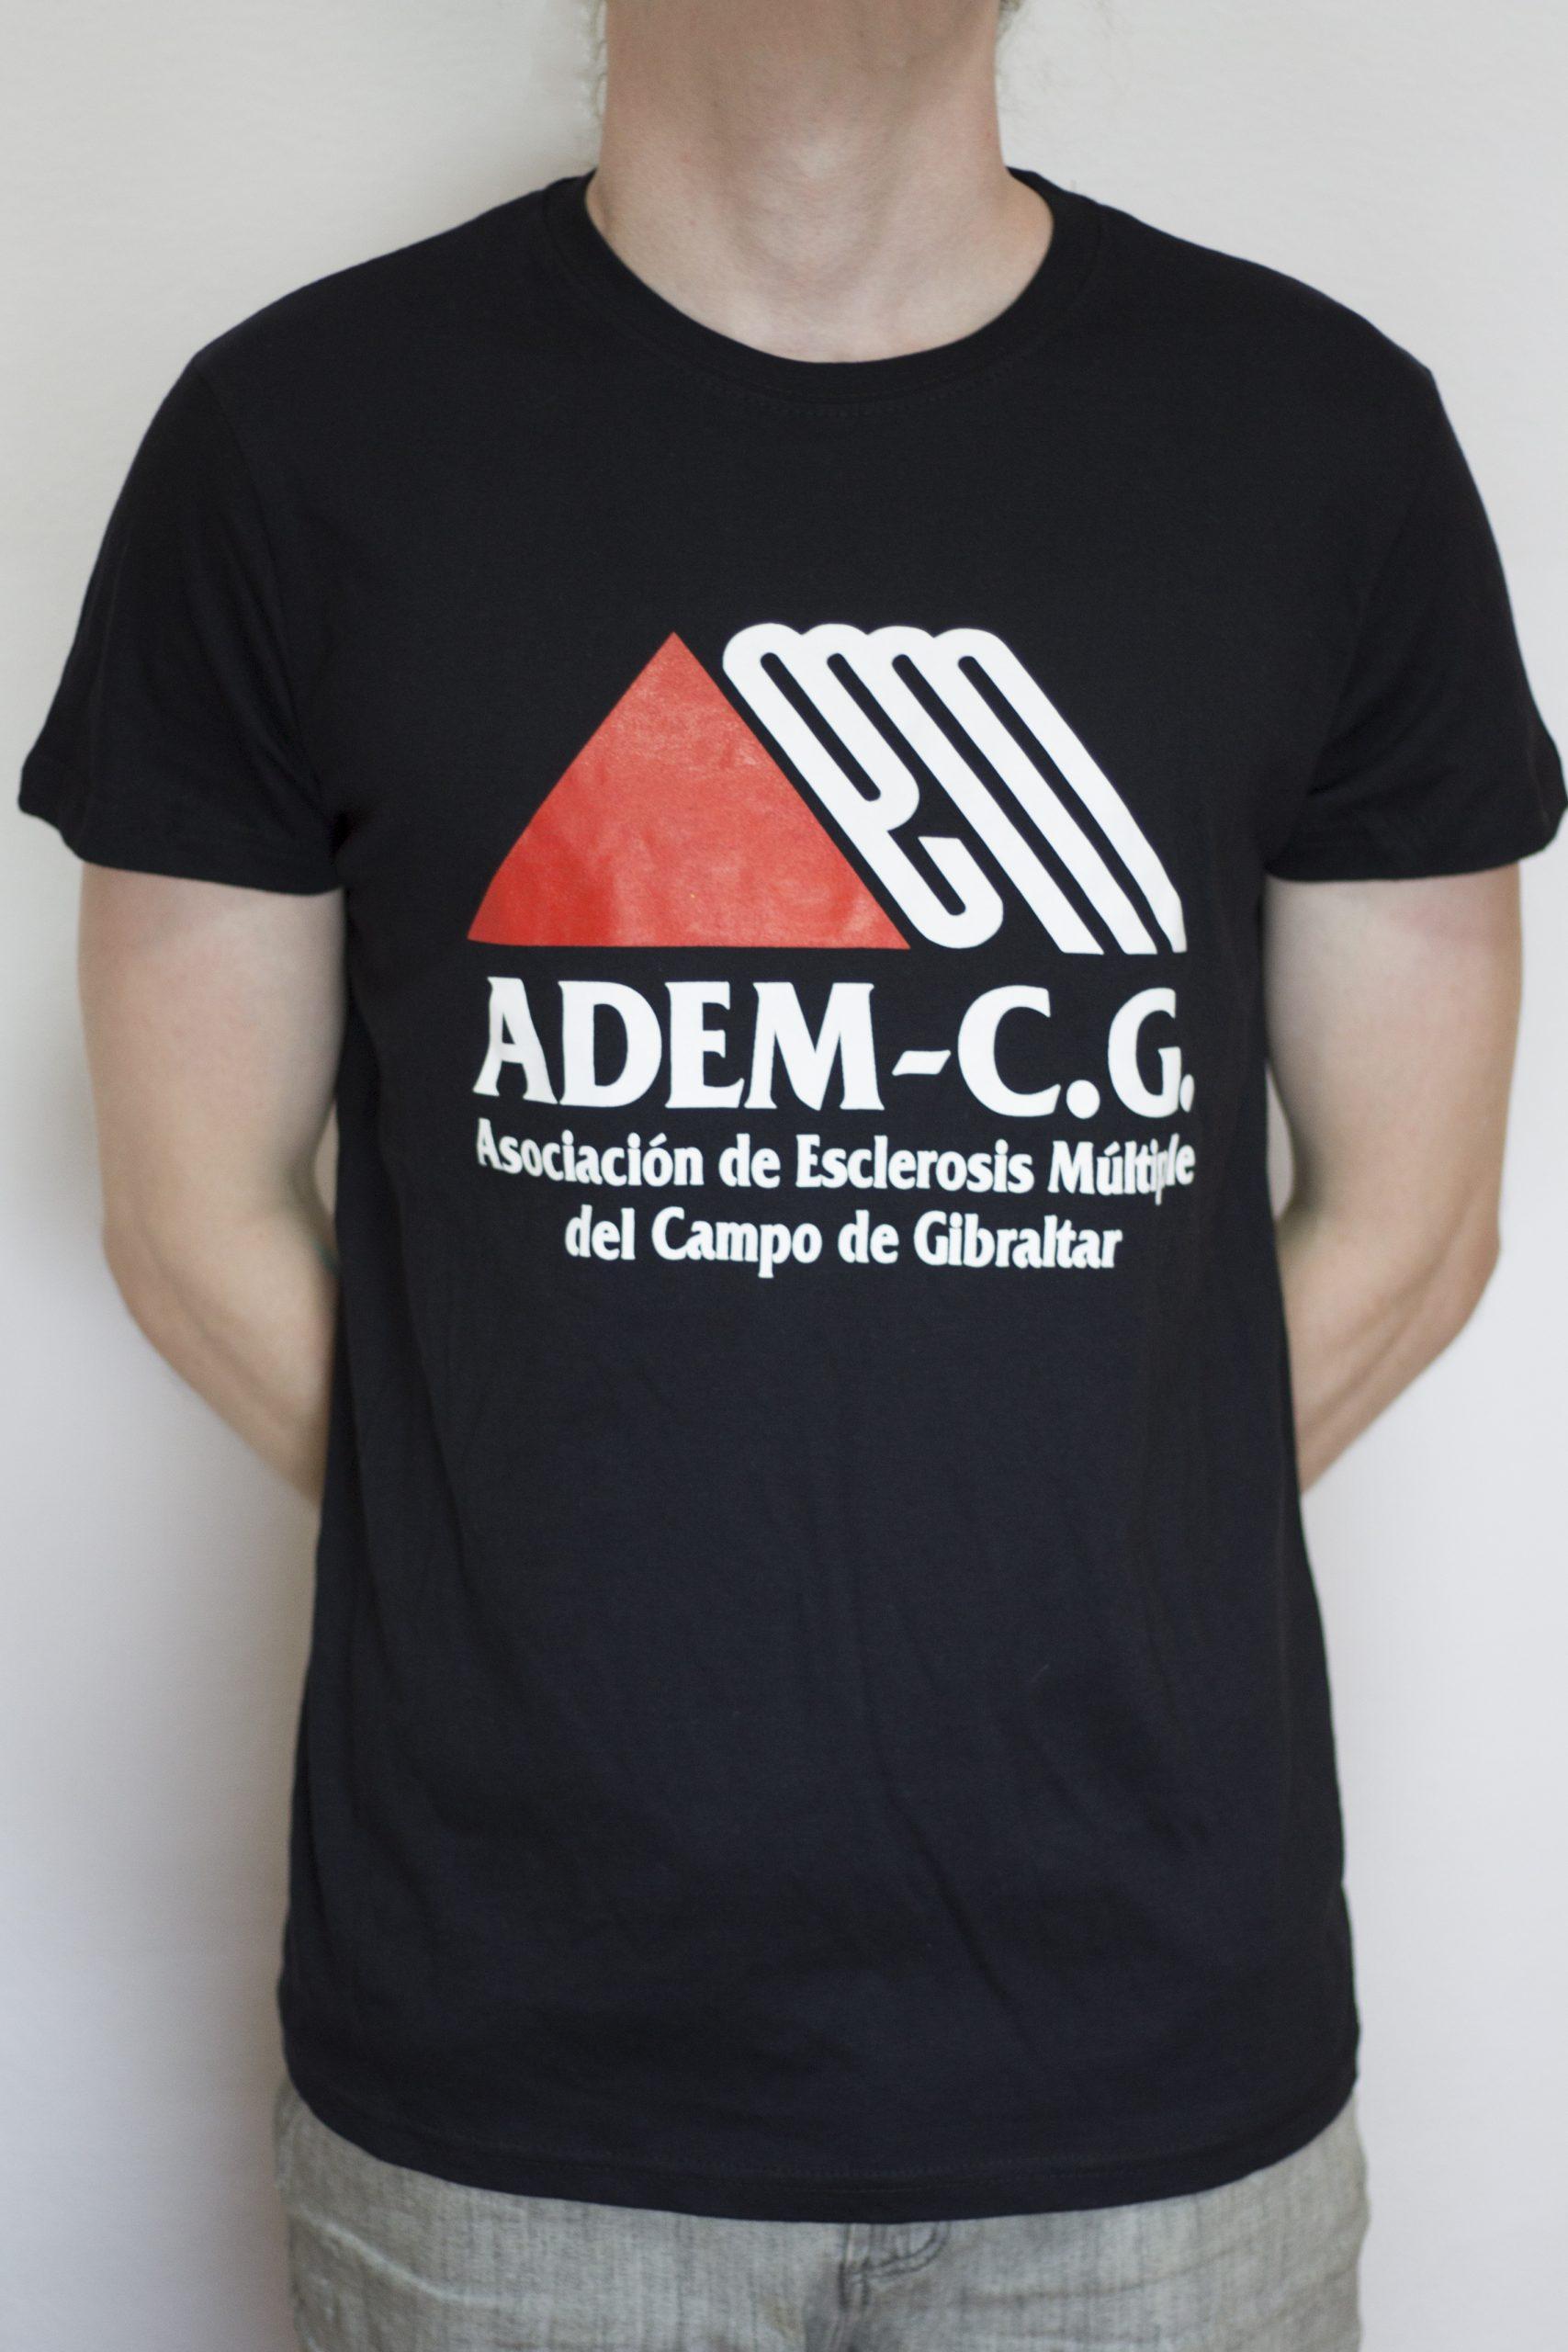 Camiseta negra ADEM-CG